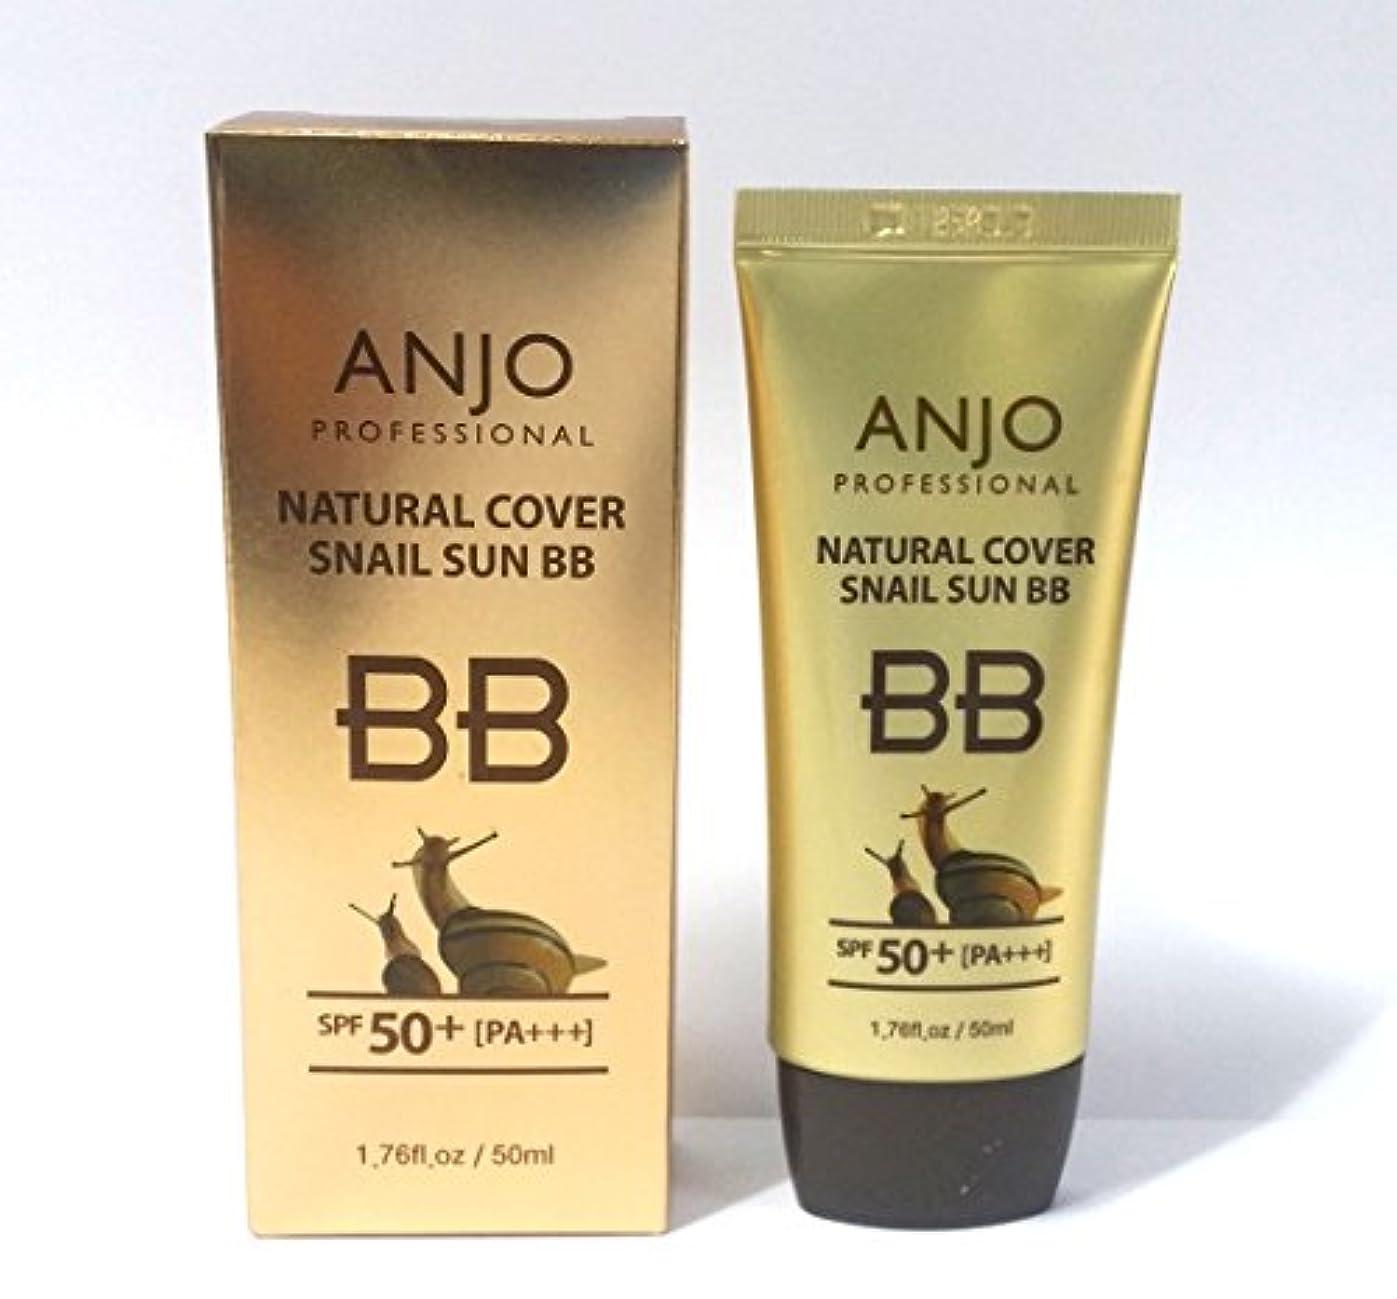 何サルベージ麺[ANJO] ナチュラルカバーカタツムリサンBBクリームSPF 50 + PA +++ 50ml X 6EA /メイクアップベース/カタツムリ粘液 / Natural Cover Snail Sun BB Cream SPF...